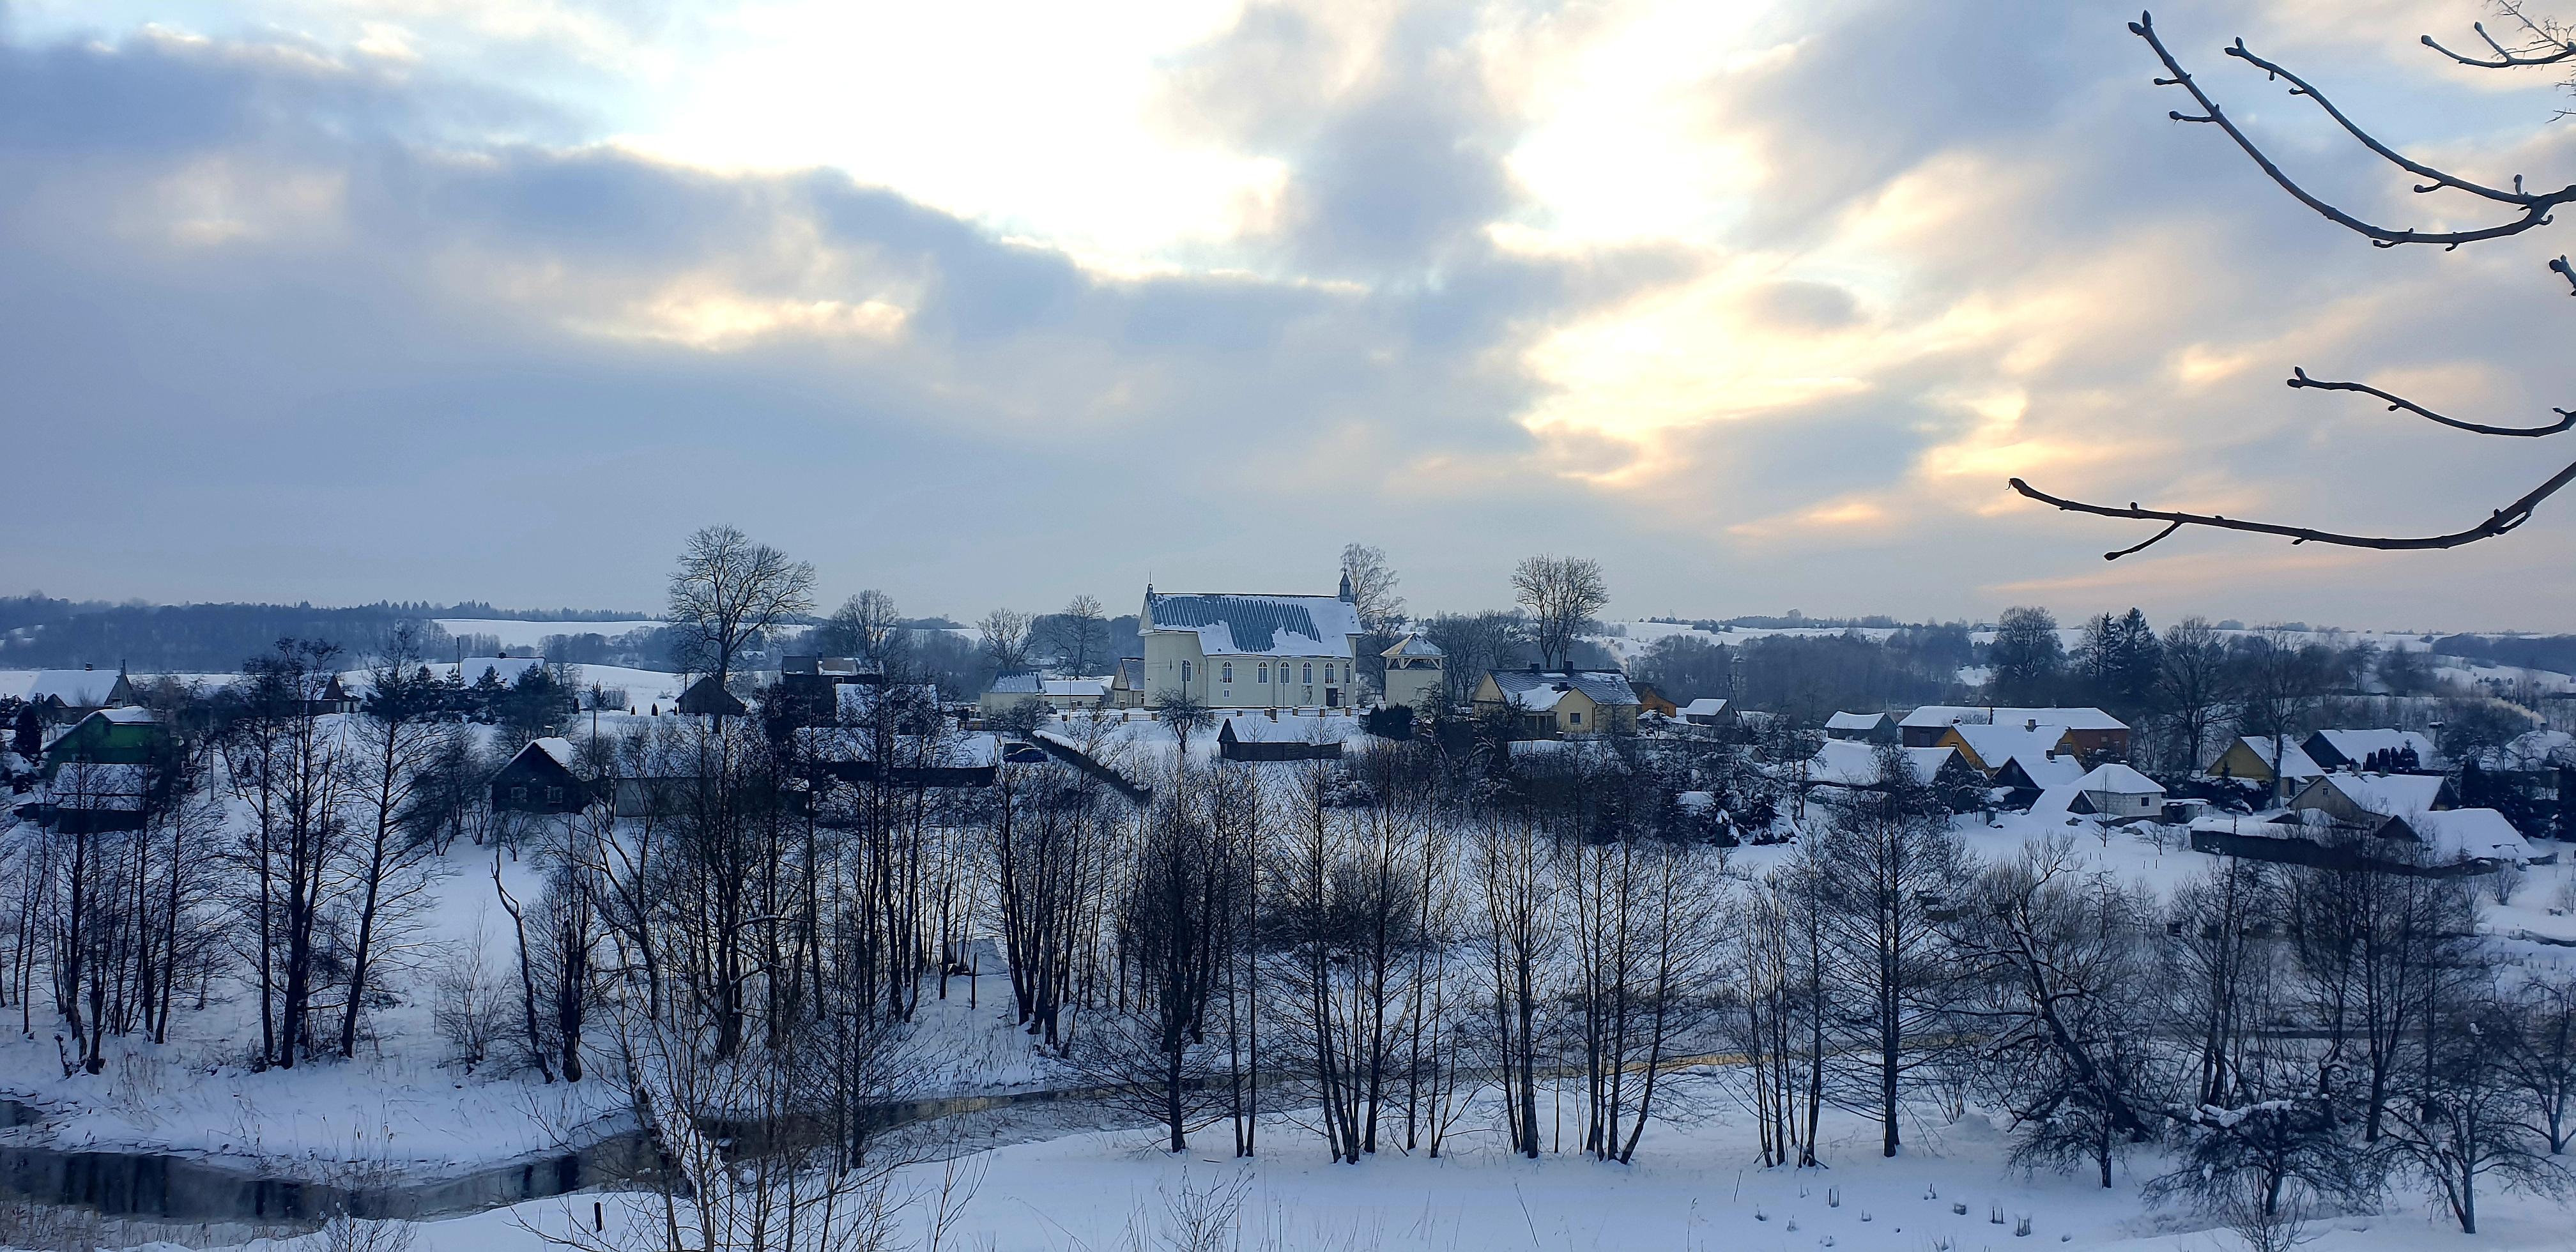 Semeliškėse, seniausiame savivaldybės miestelyje, valstybės saugomoje urbanistinėje vietovėje